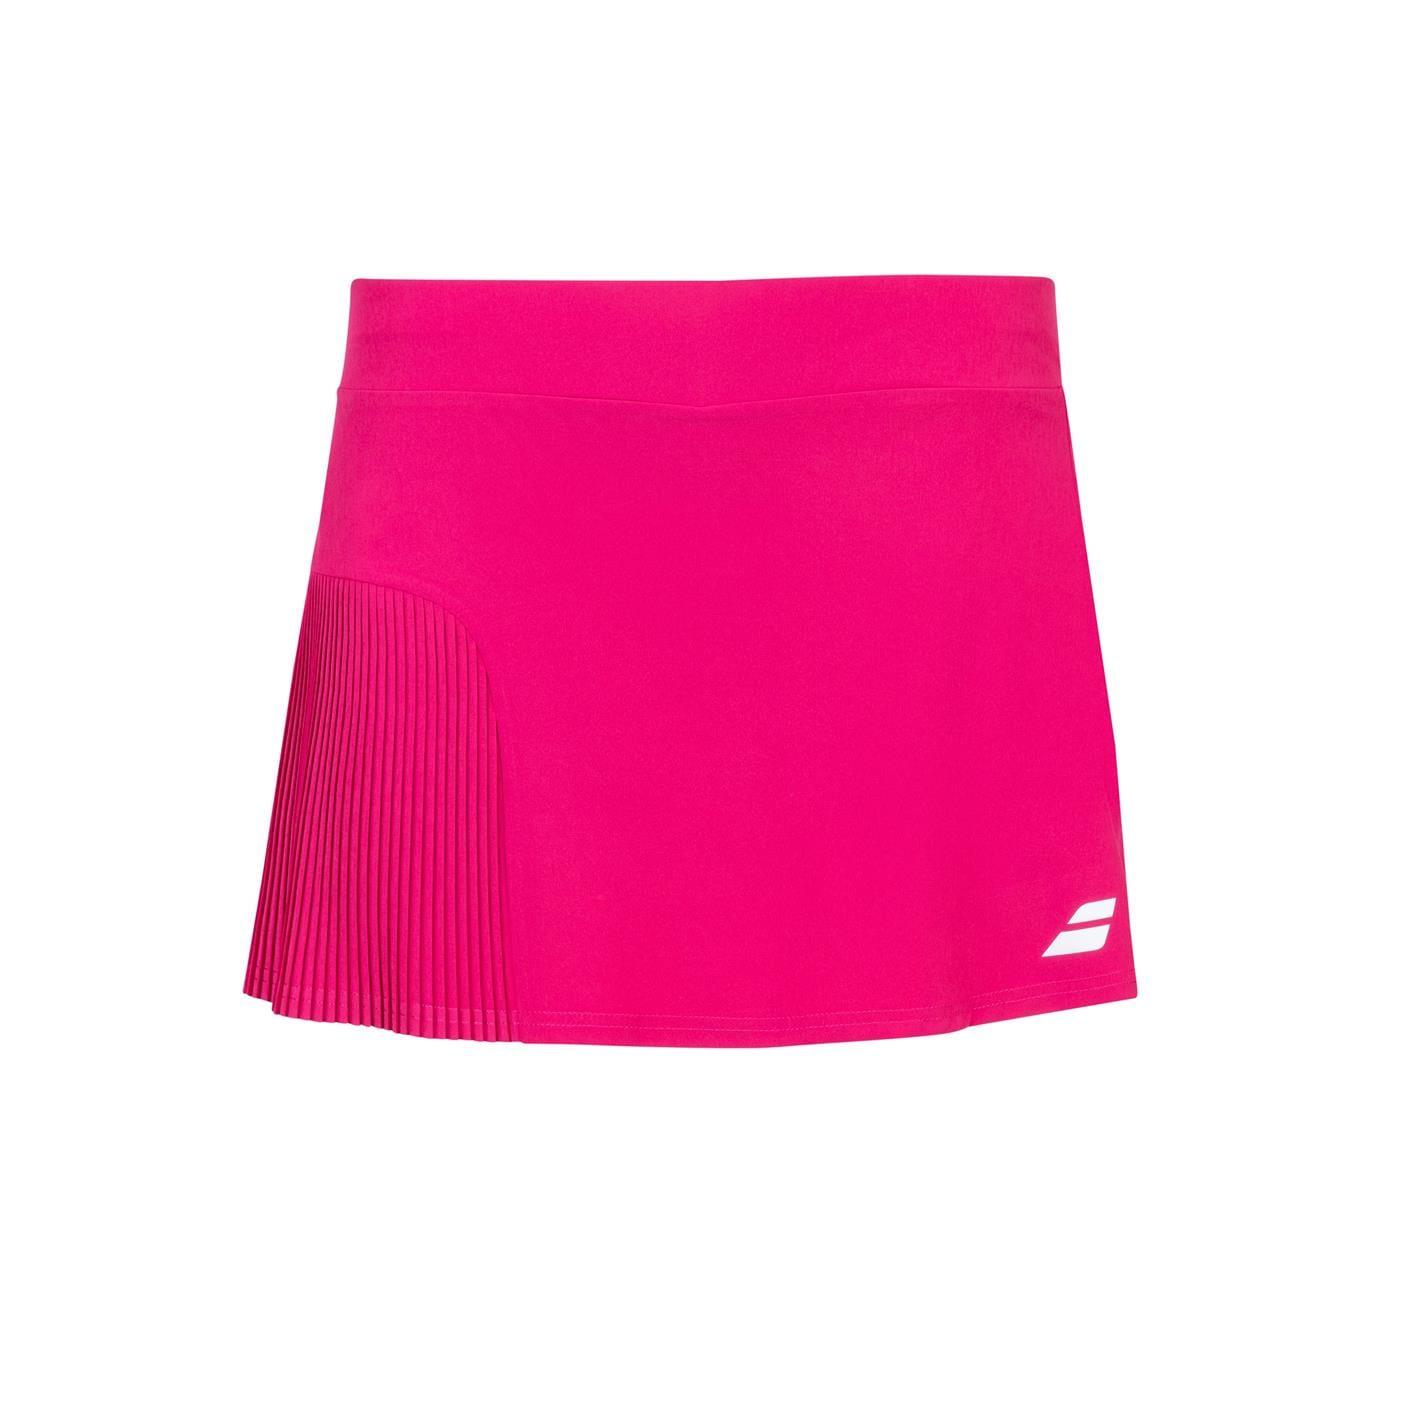 Fusta Babolat competitie tenis pentru fetite rosu